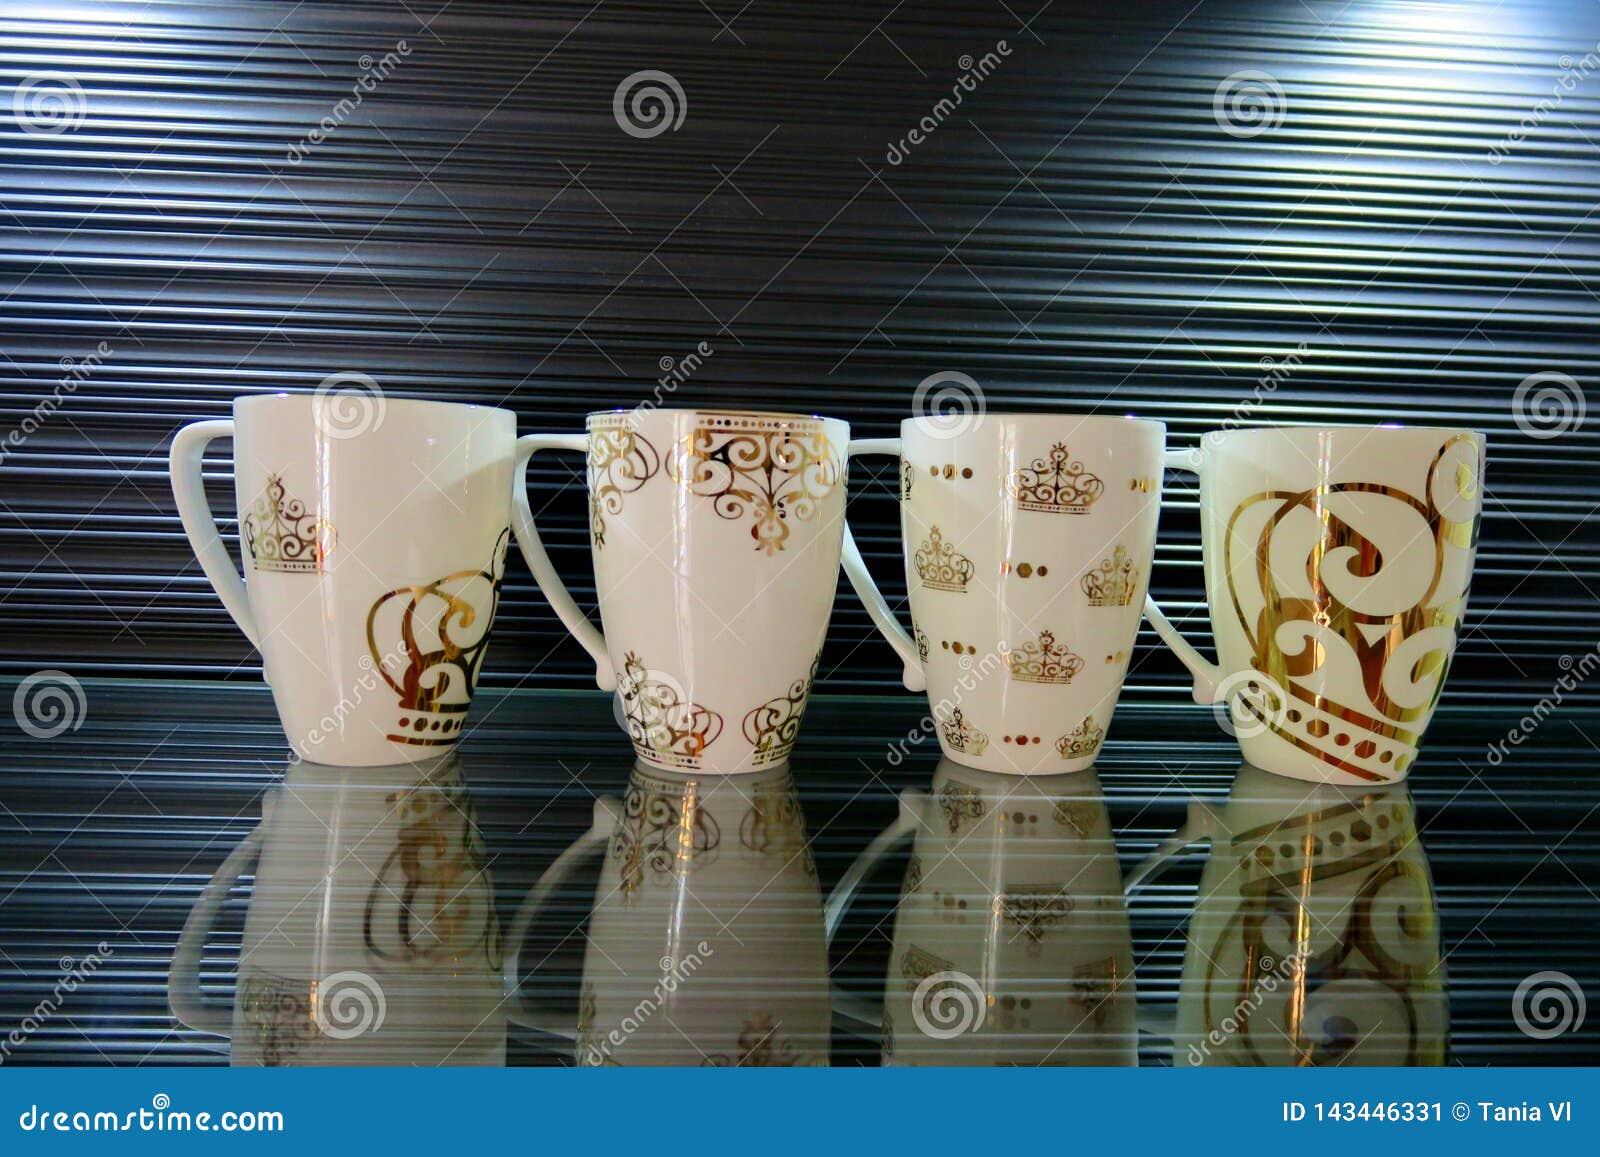 Quattro tazze bianche con differenti modelli su un bello fondo